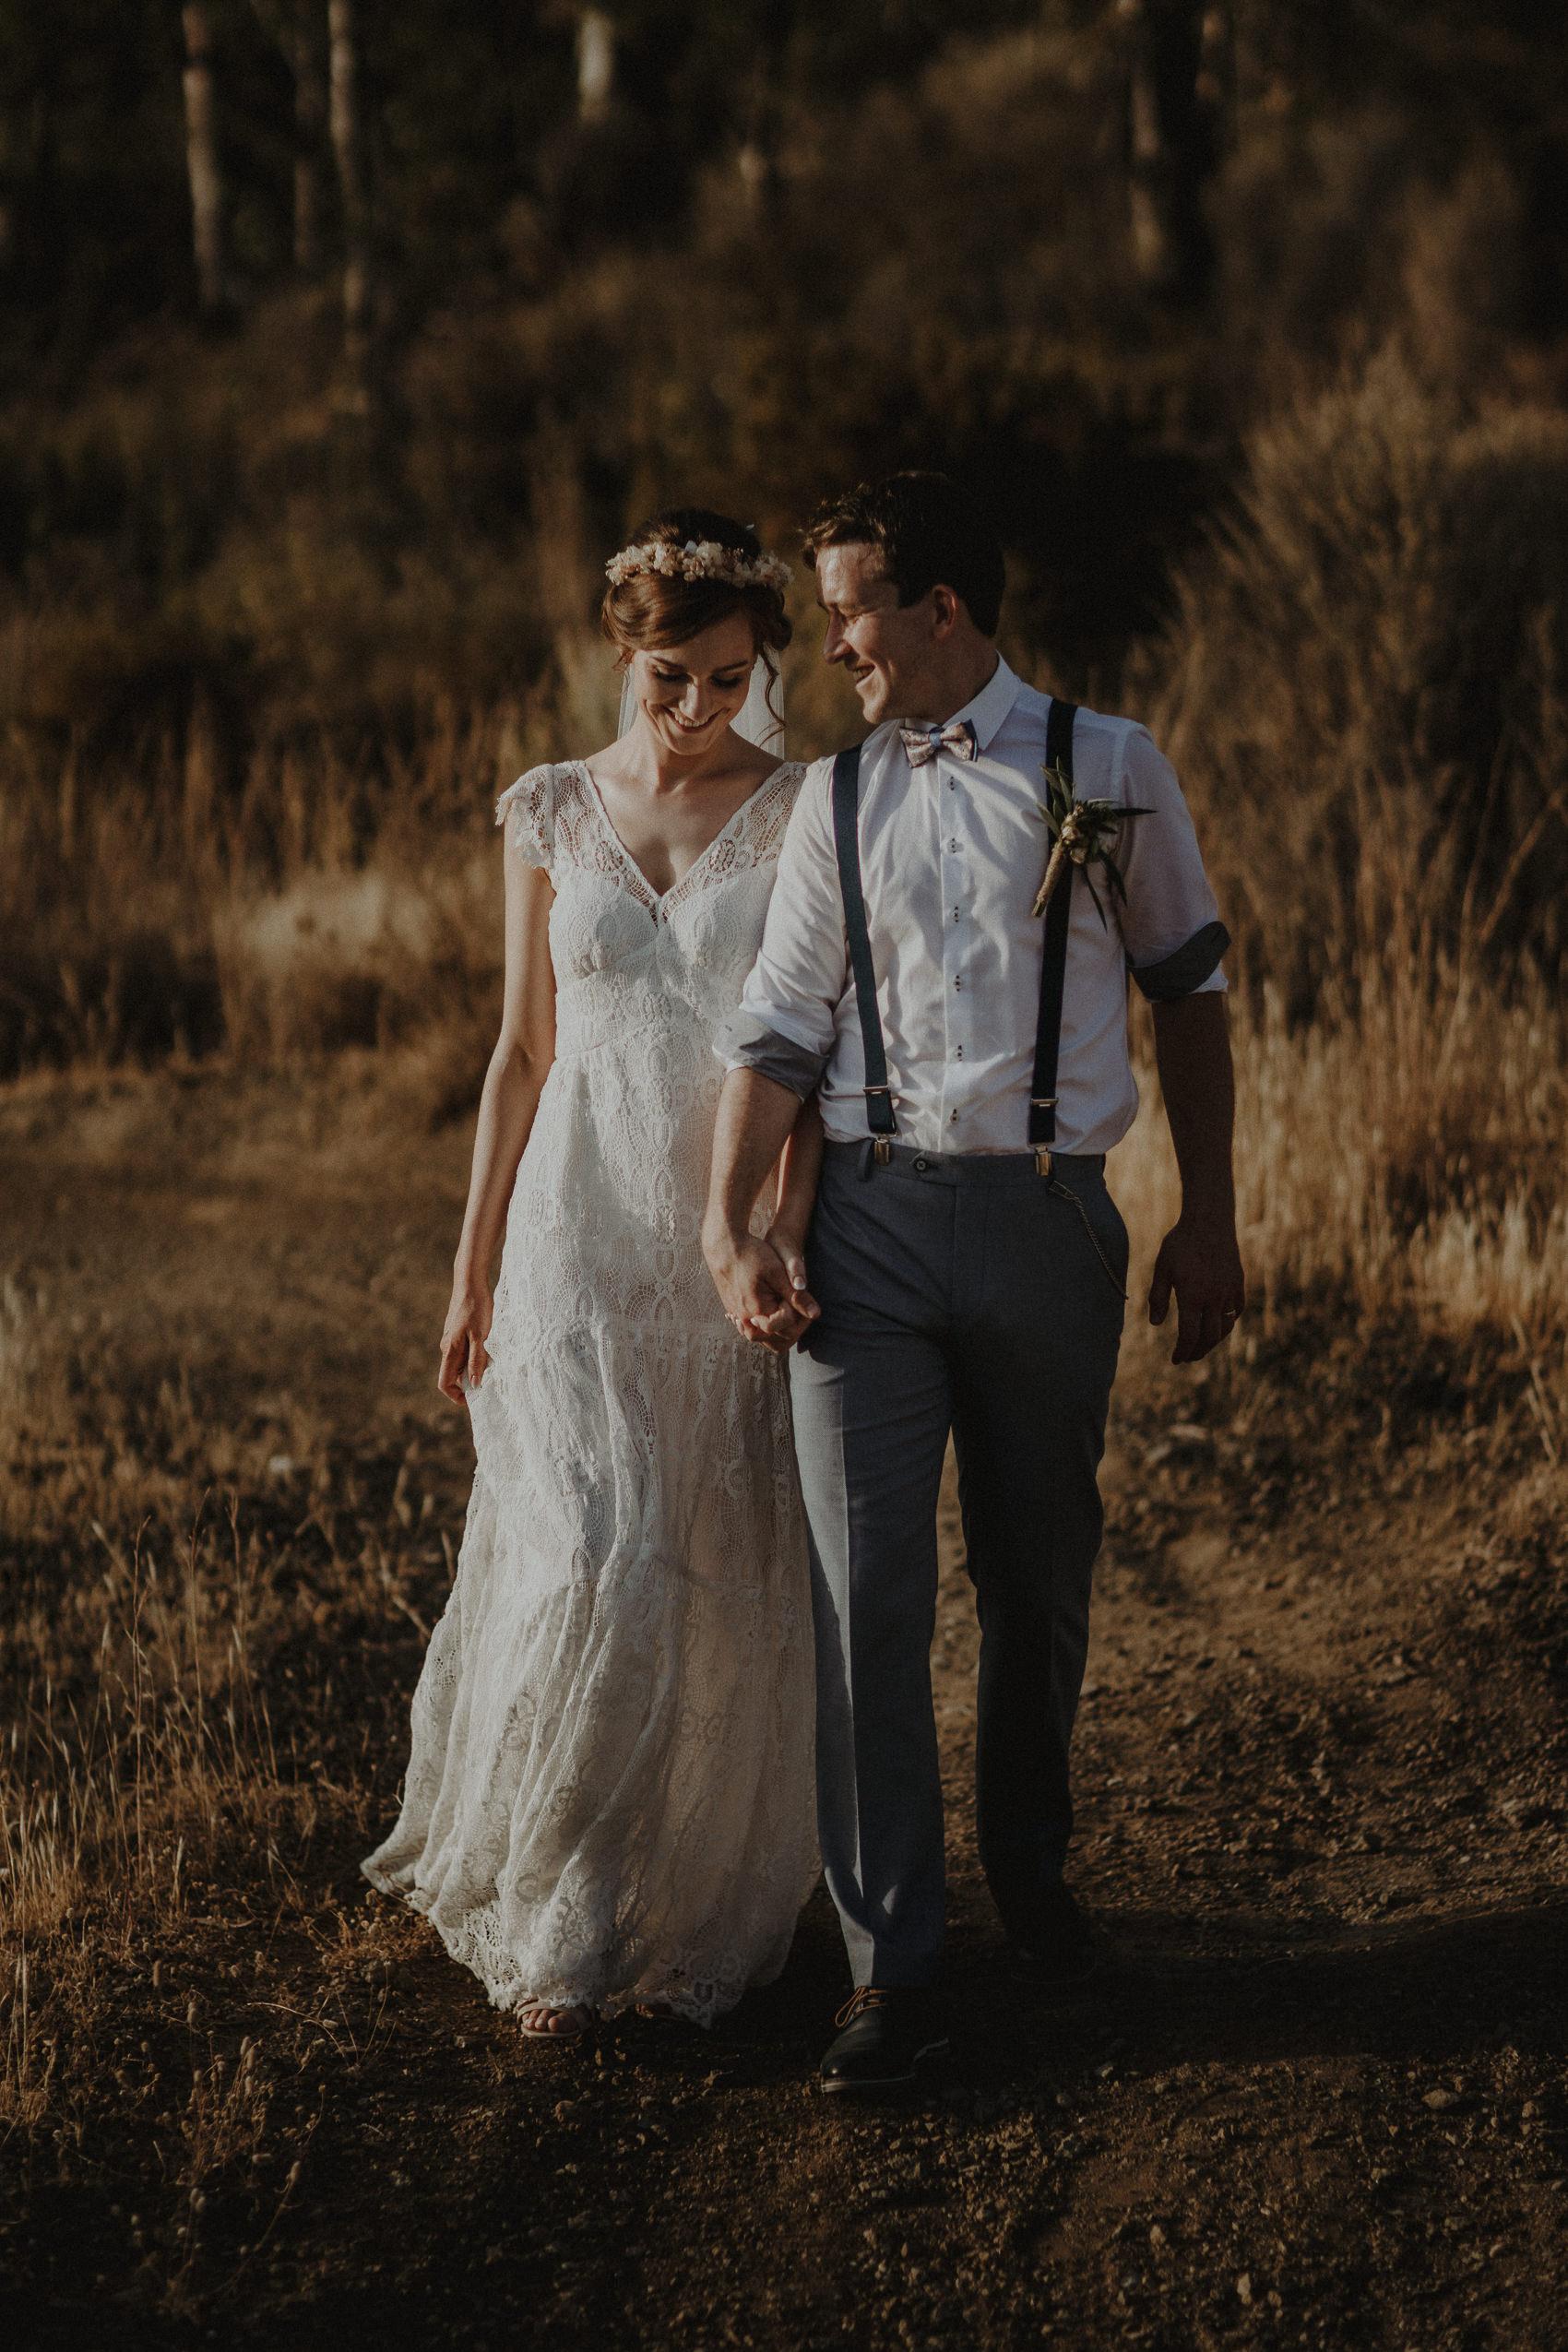 Sarah & Bill | Summer wedding at Cortijo Rosa Blanca | Marbella - Spain 132